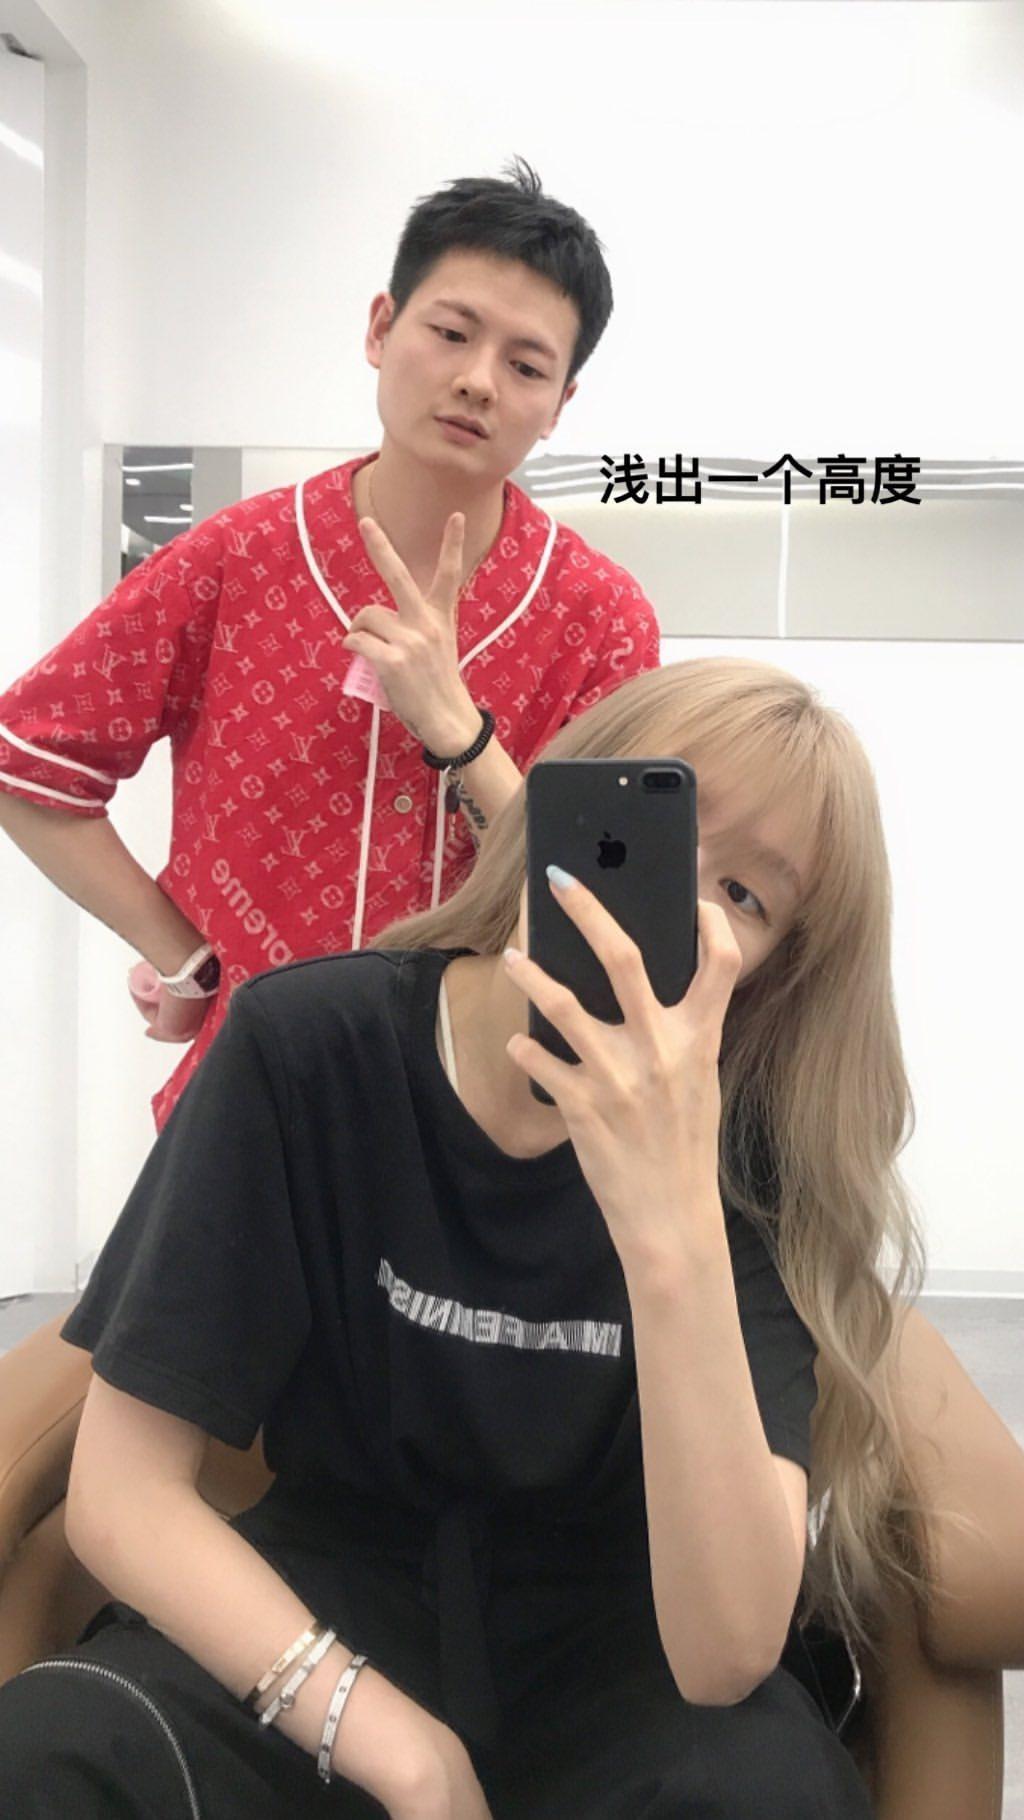 周揚青更新IG曝近況,染了新髮色。 圖/擷自周揚青IG